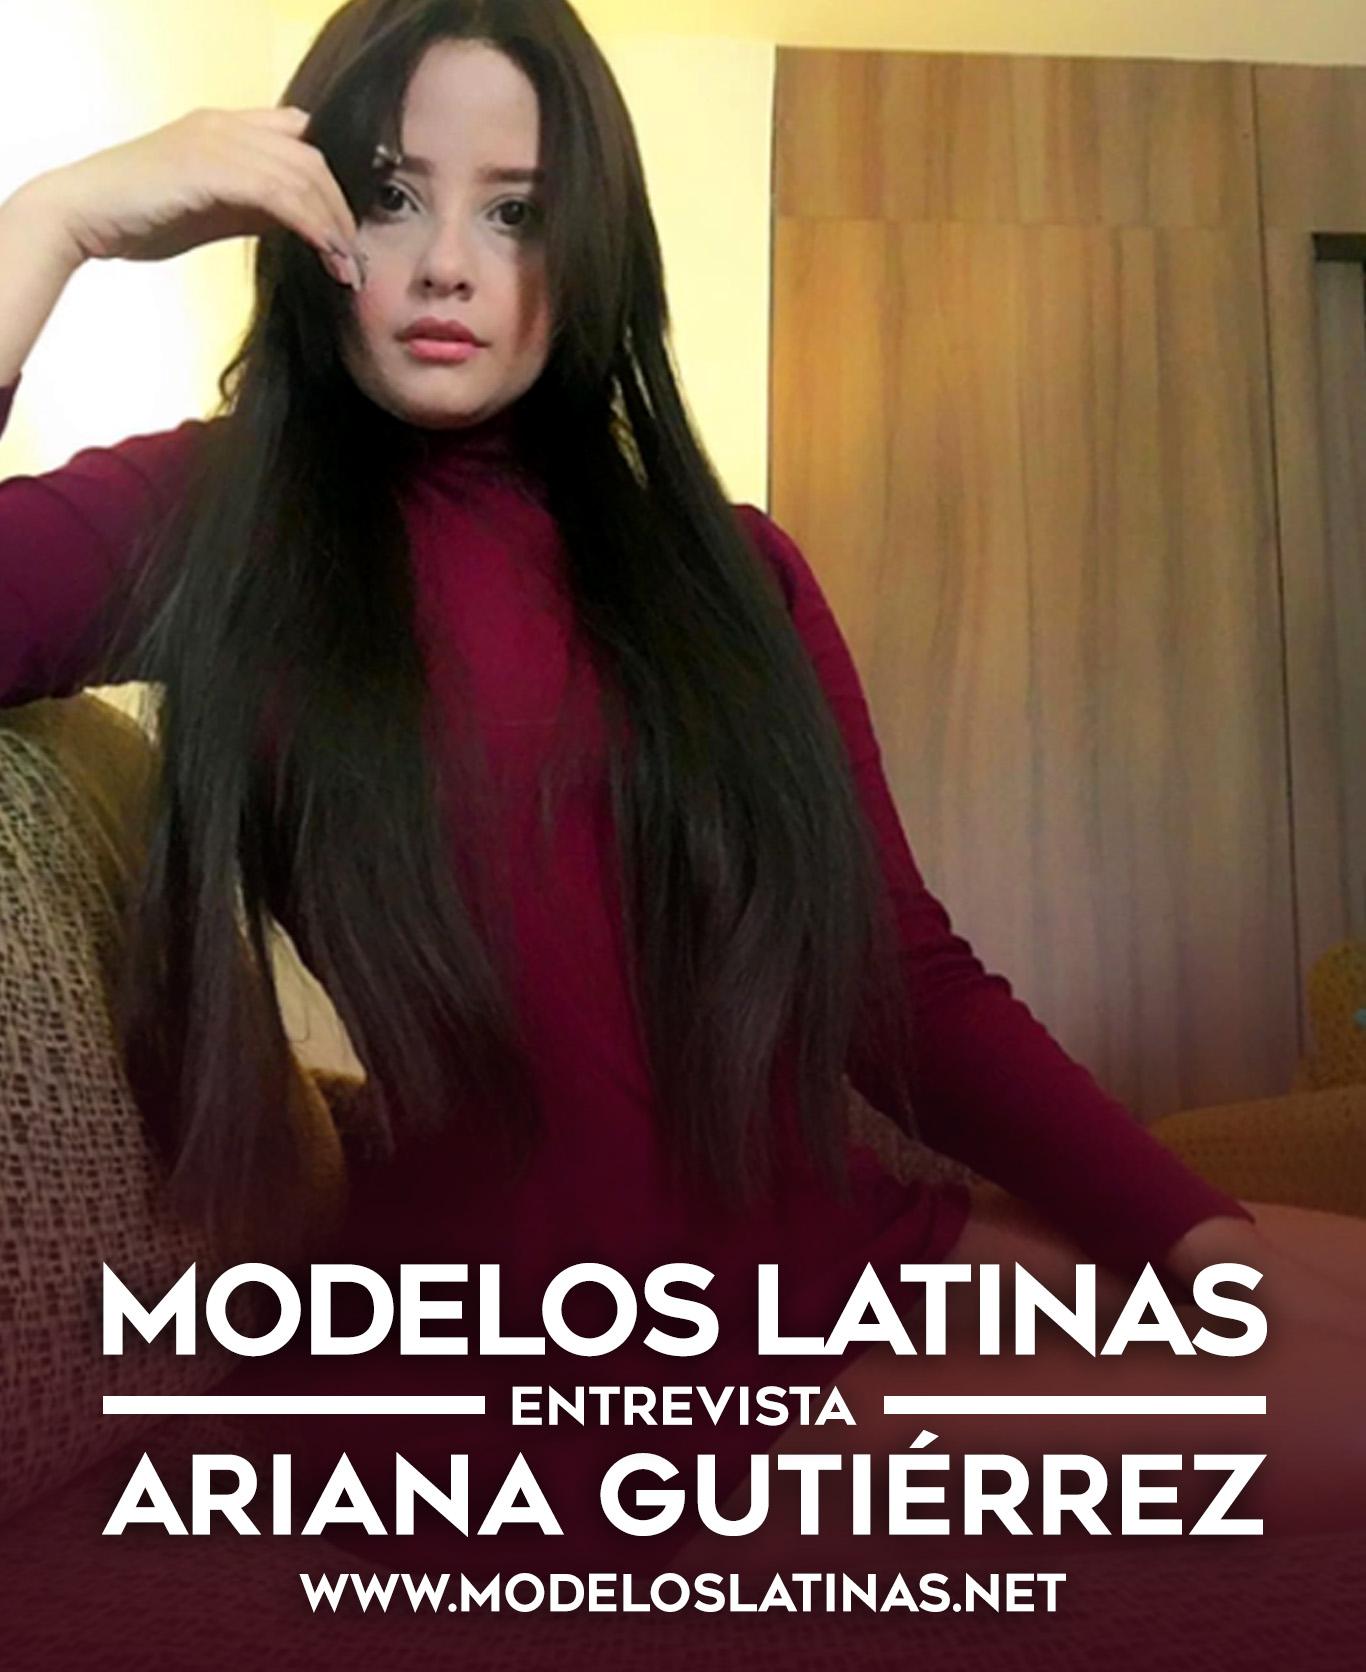 Ariana Gutiérrez